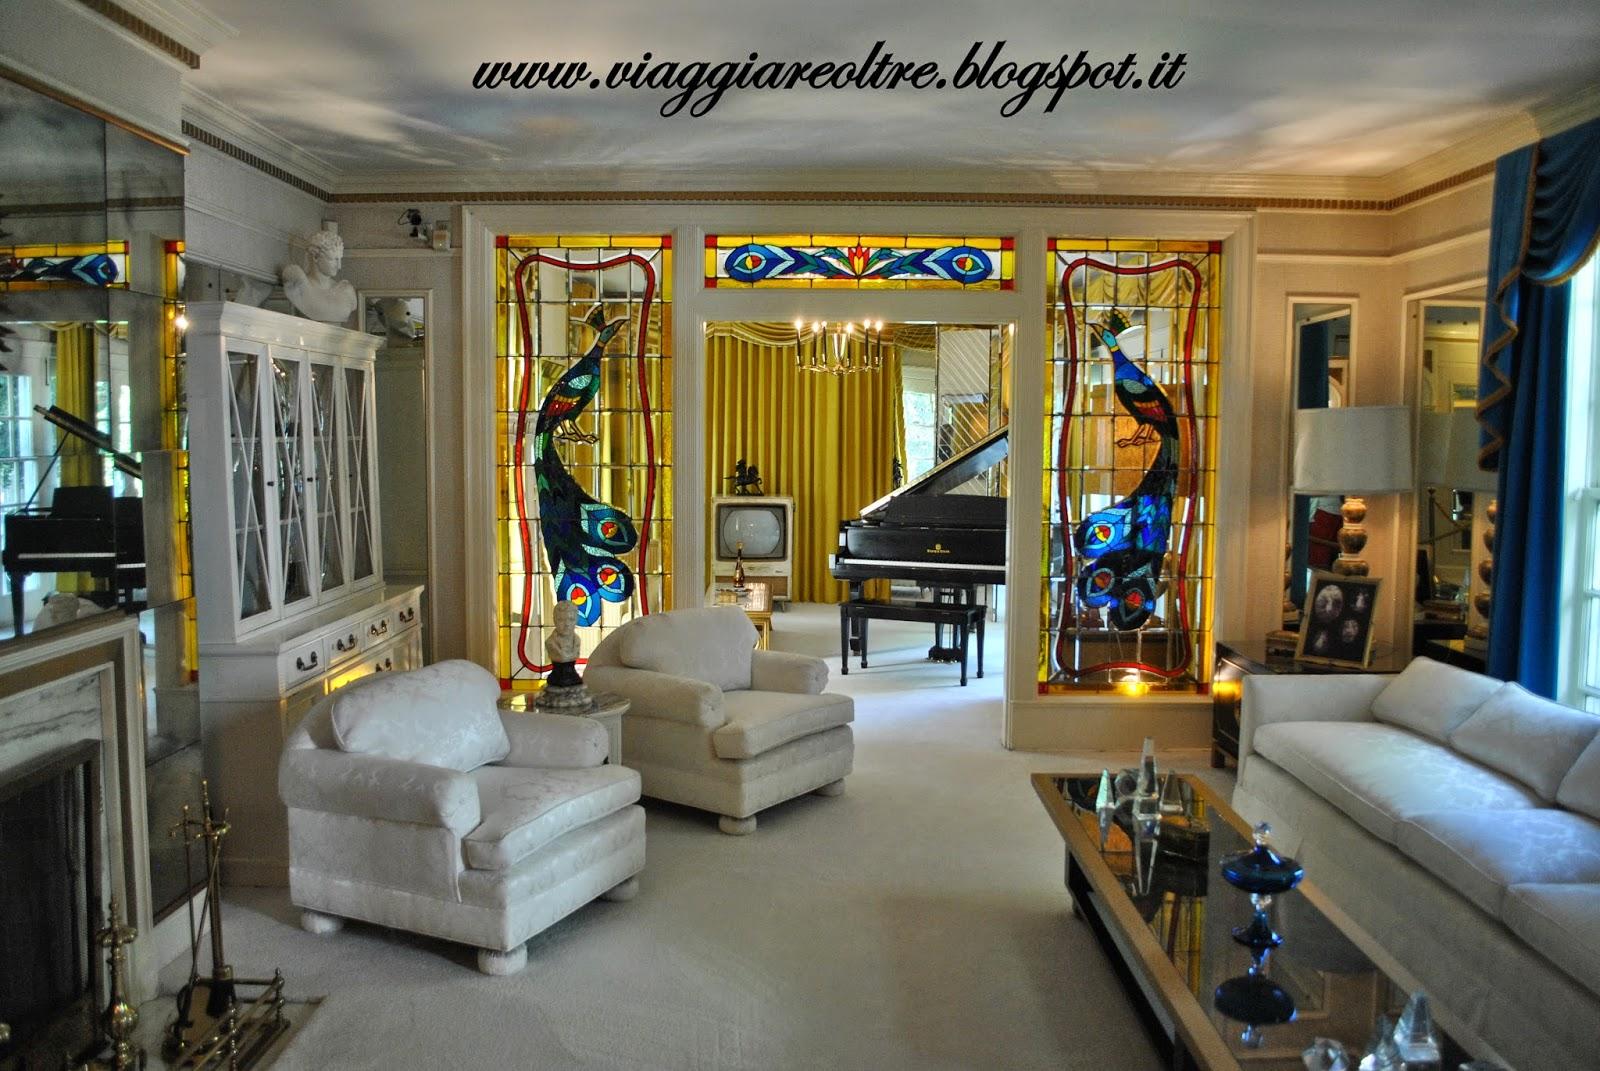 Visitare graceland la casa di elvis presley a memphis - Immagini della casa ...